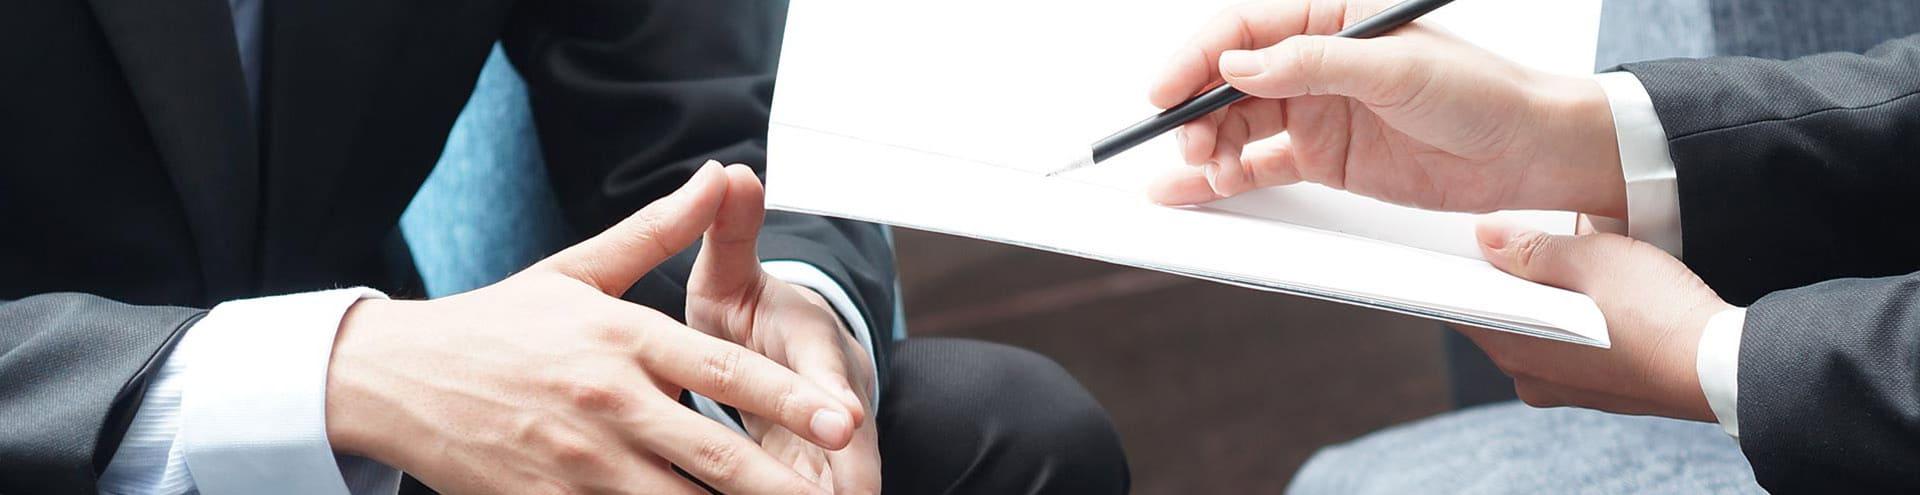 гарантии оказания юридических услуг в Пензе